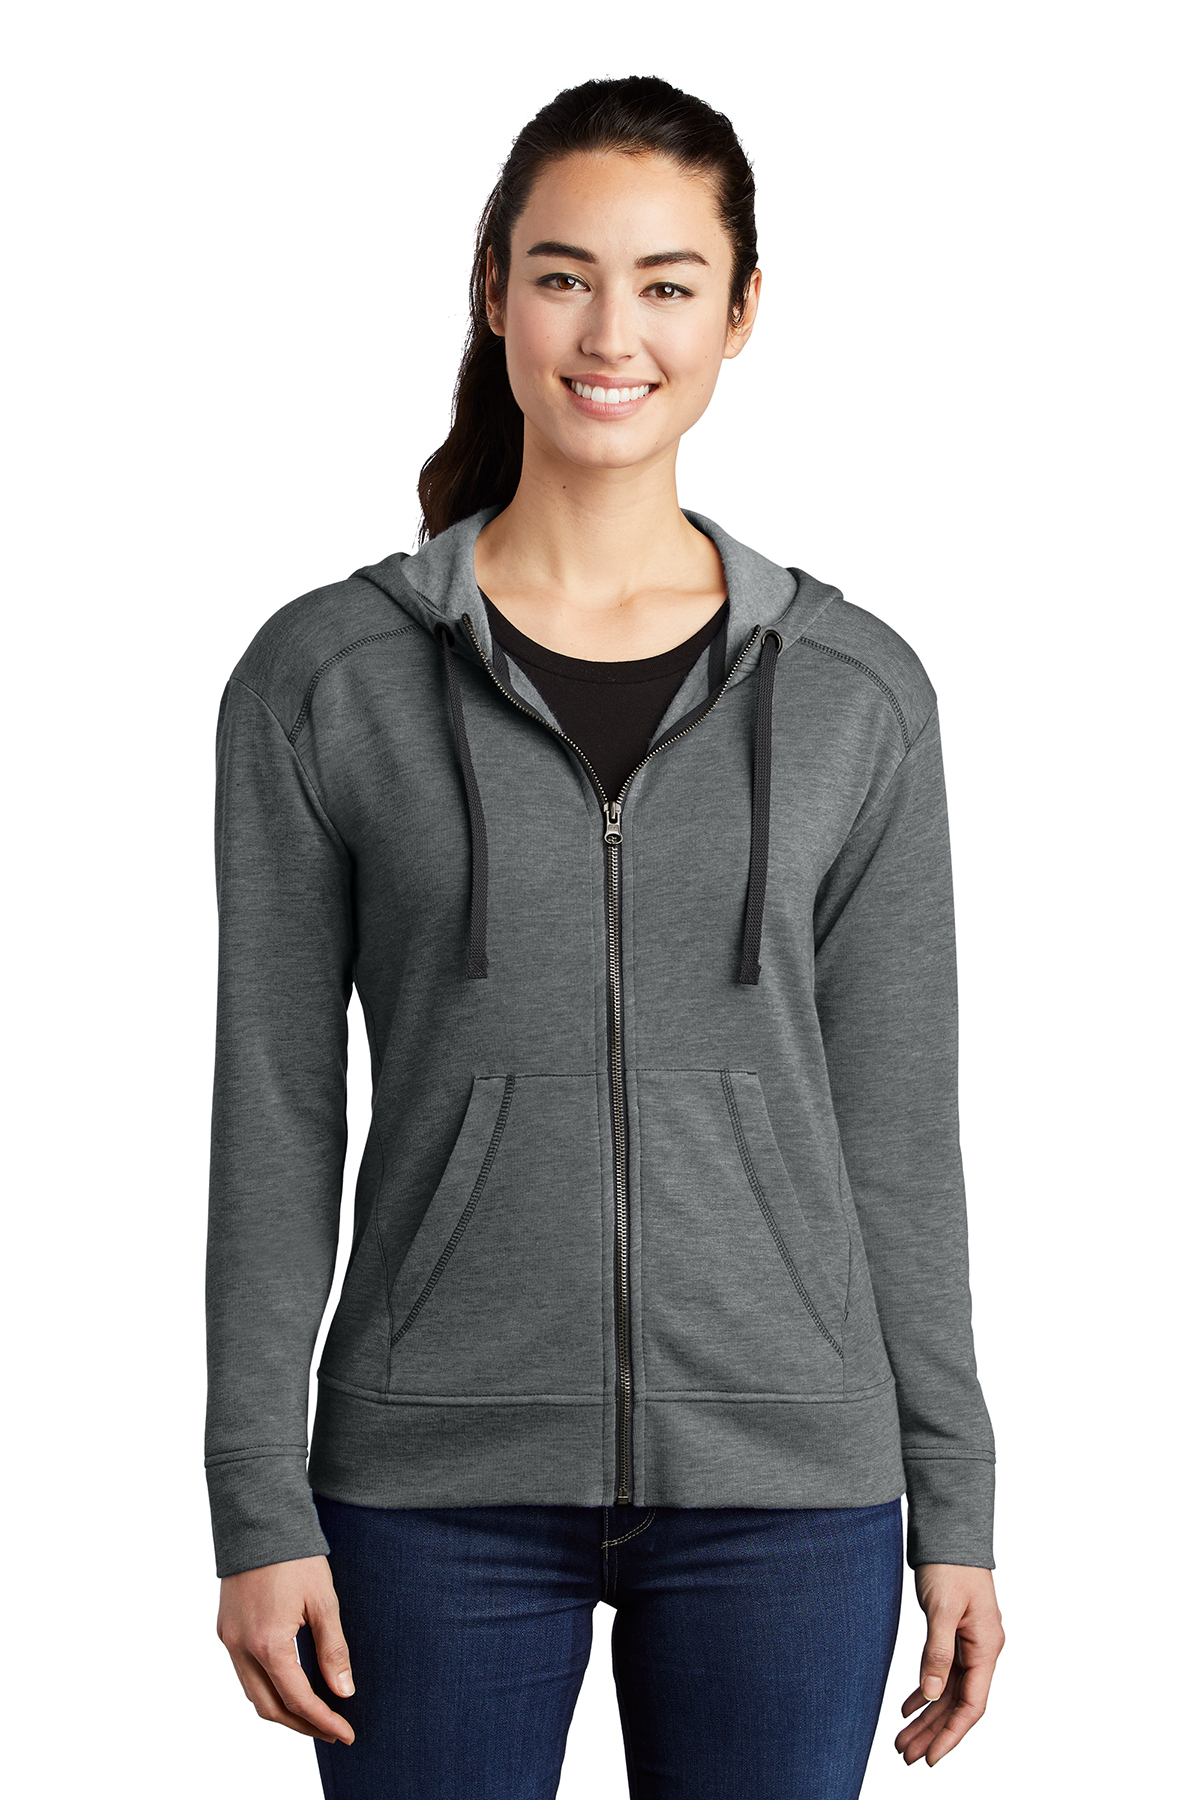 Sport-Tek LST293 - Ladies PosiCharge Tri-Blend Wicking Fleece Full-Zip Hooded Jacket